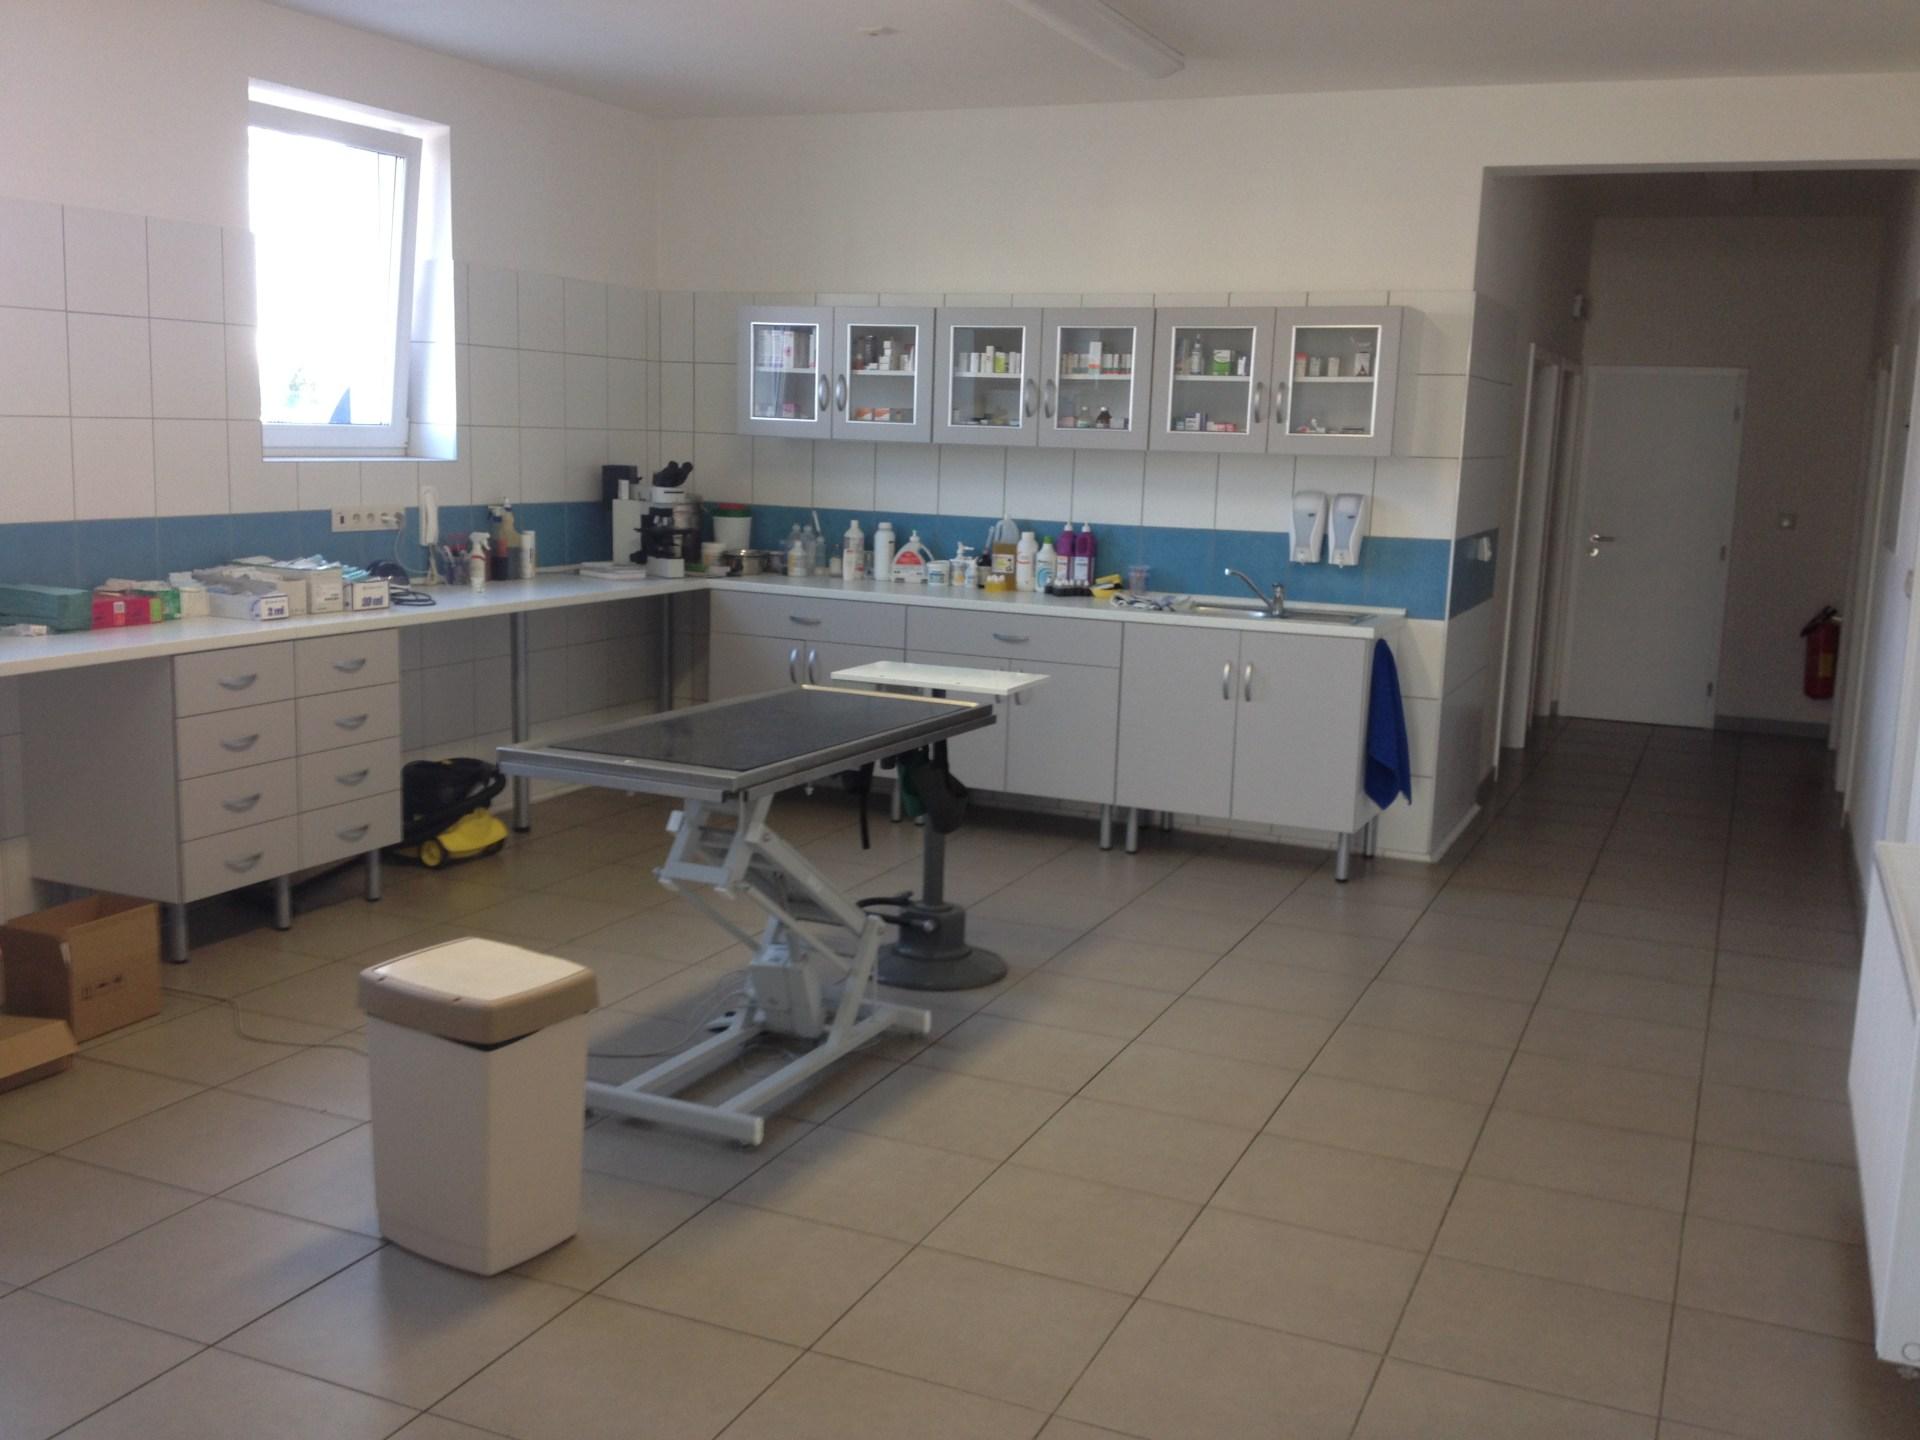 Veterinární klinika, pohotovost, poradna, péče o malá zvířata